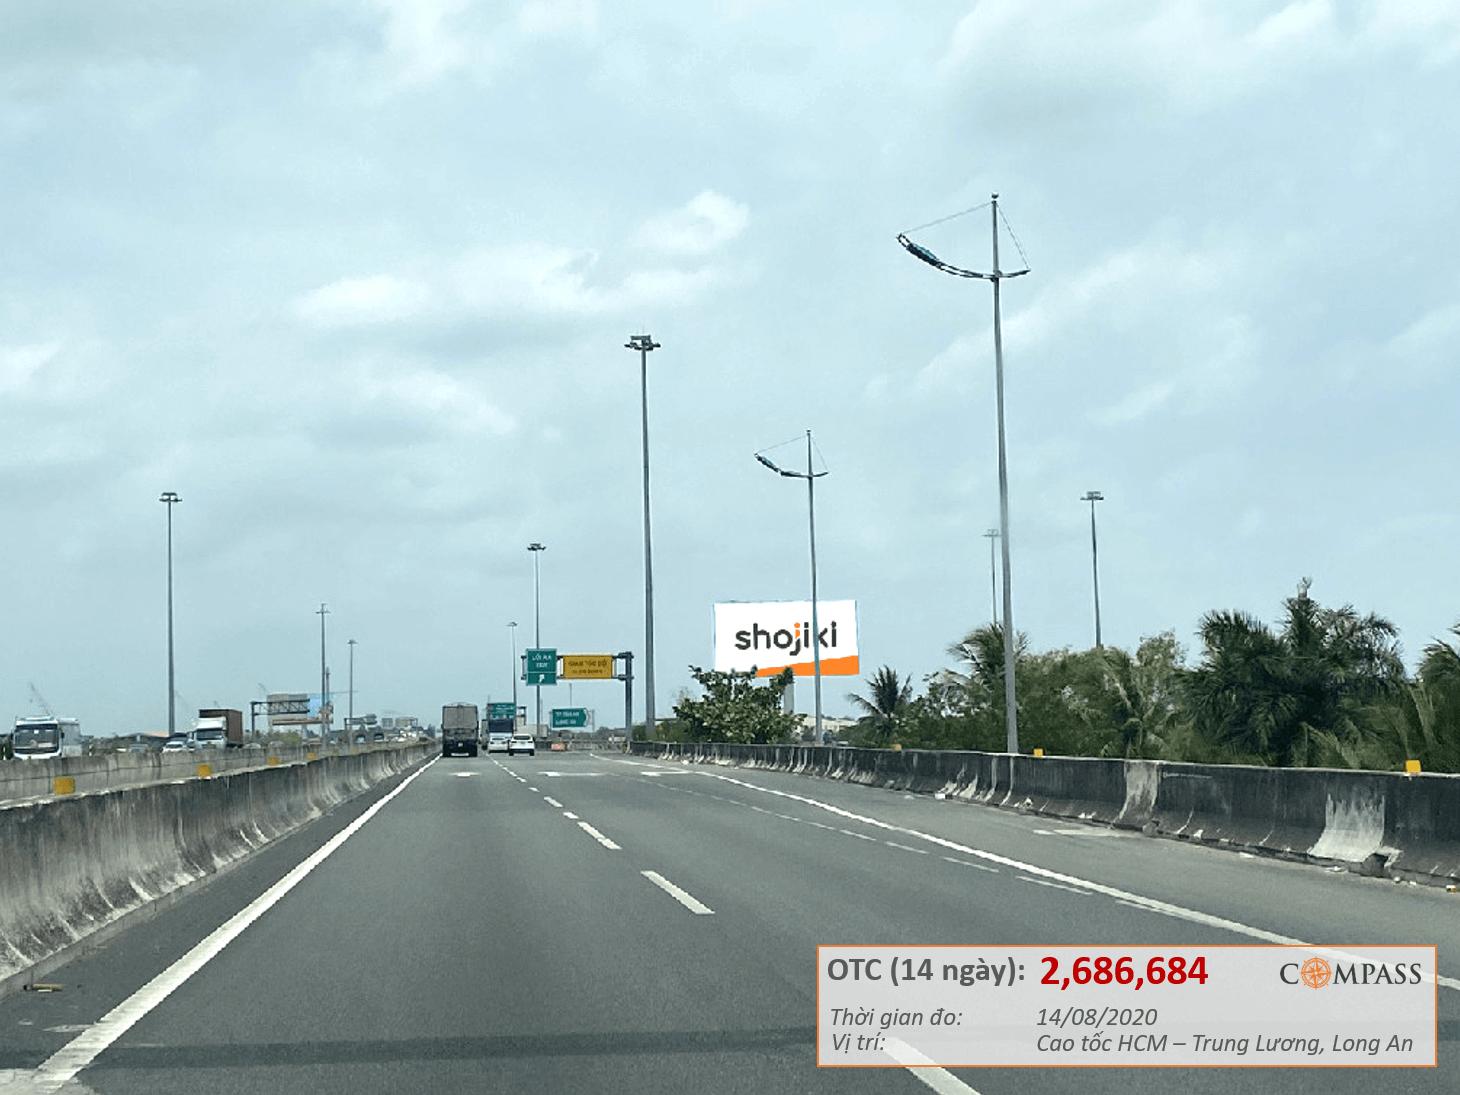 Bảng quảng cáo Cao tốc HCM - Trung Lương, Long An